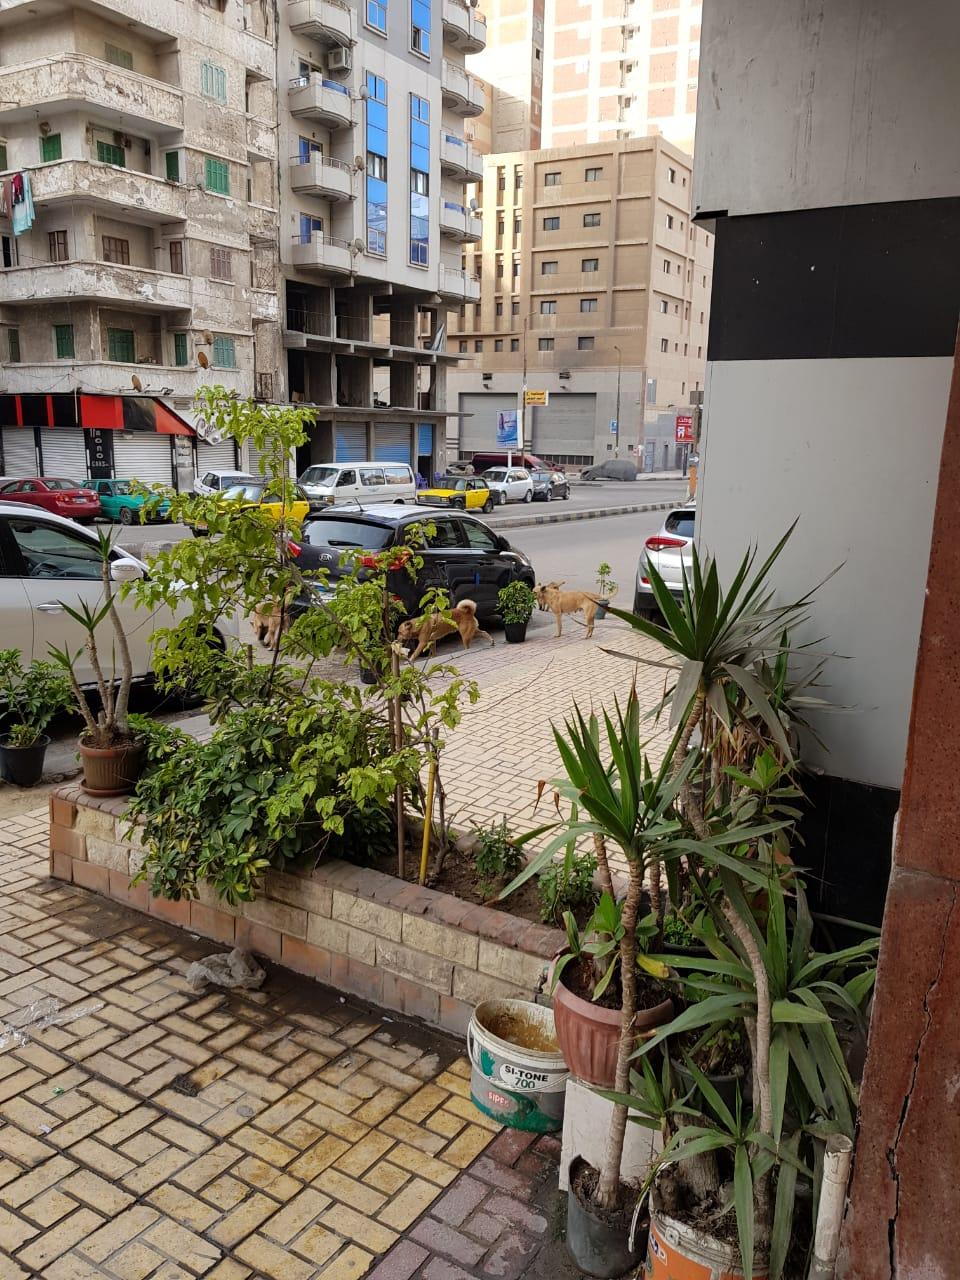 الكلاب الضالة بسيدى بشر فى الإسكندرية (1)